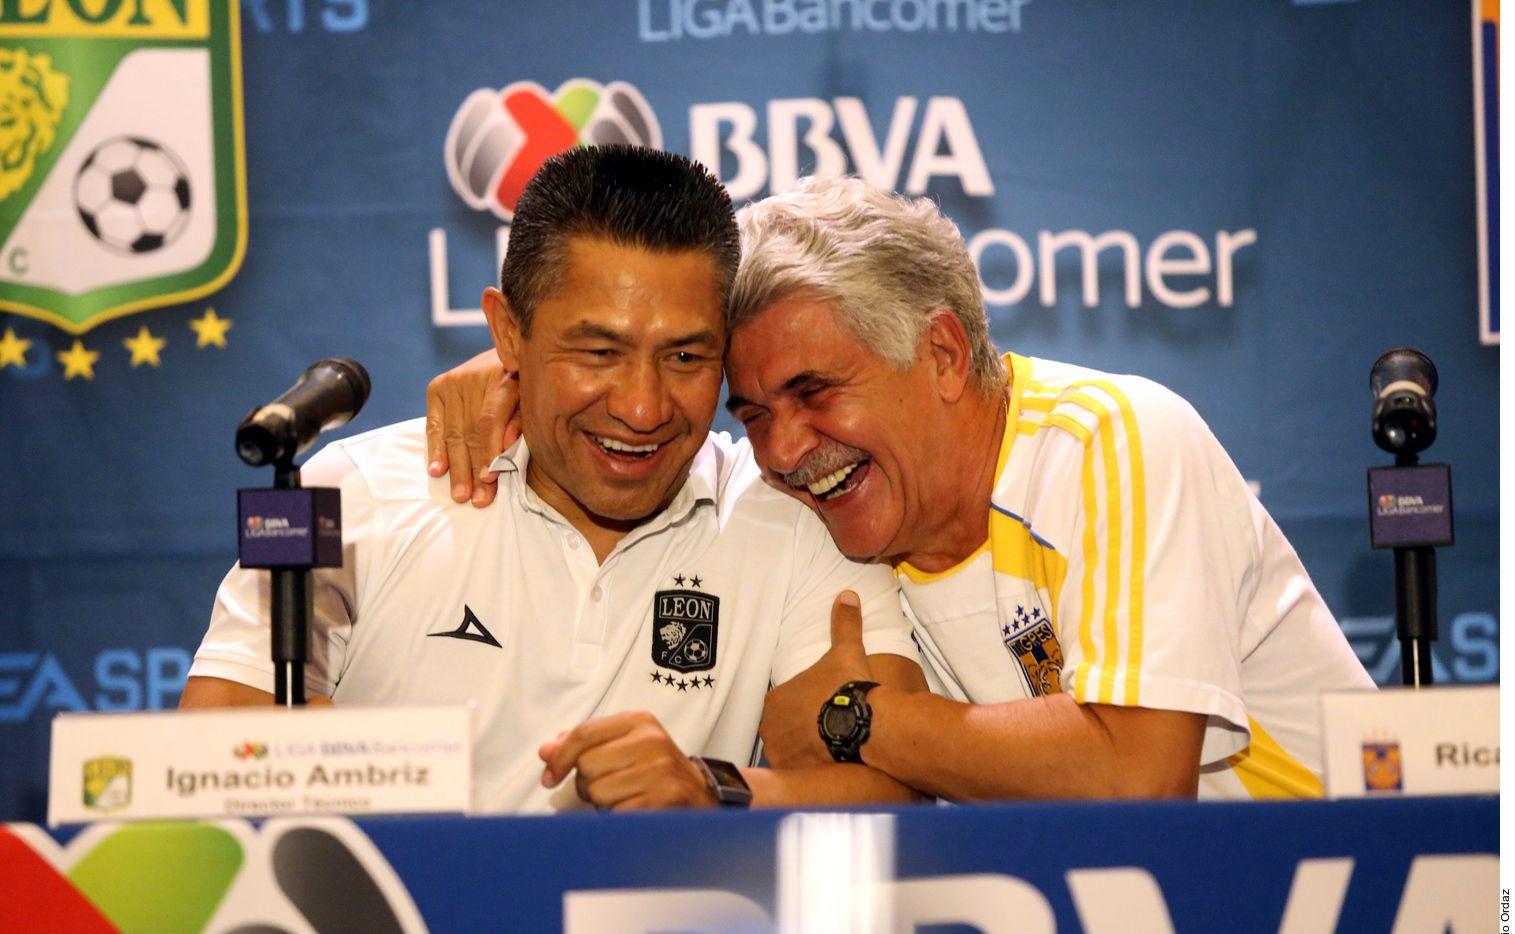 Los entrenadores intercambiaron elogios en la conferencia de prensa./ AGENCIA REFORMA